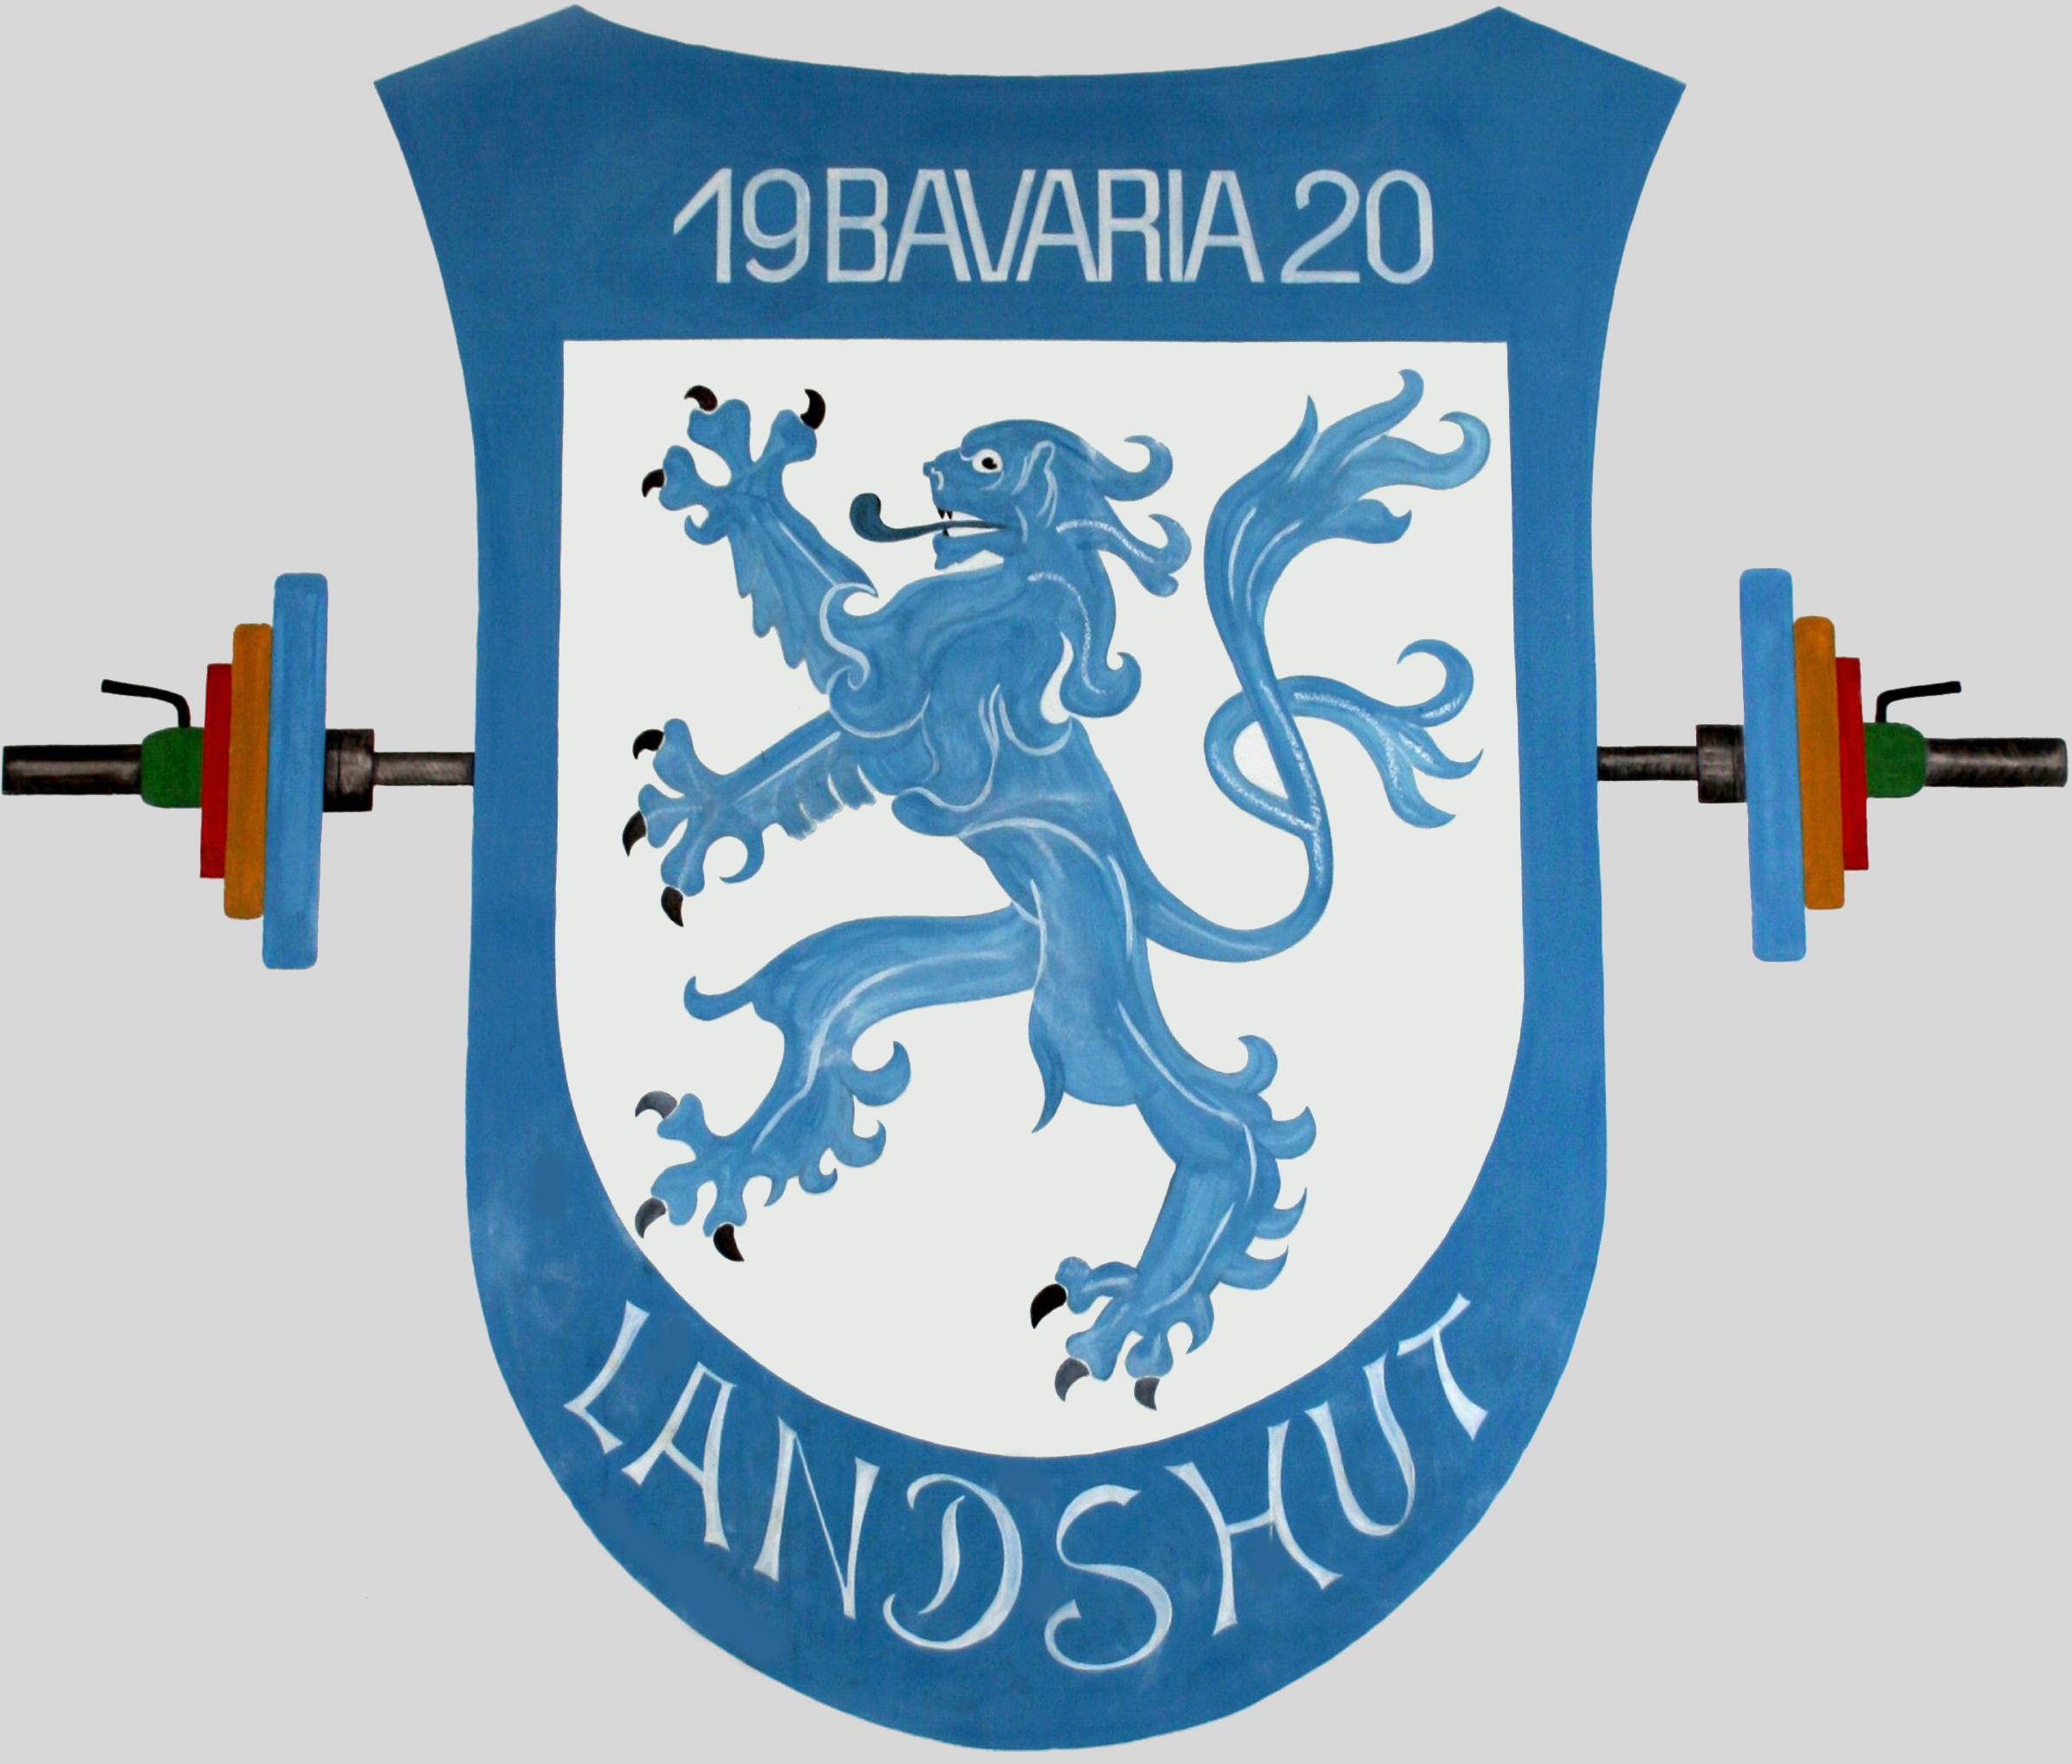 Stemmclub Bavaria 20 Landshut